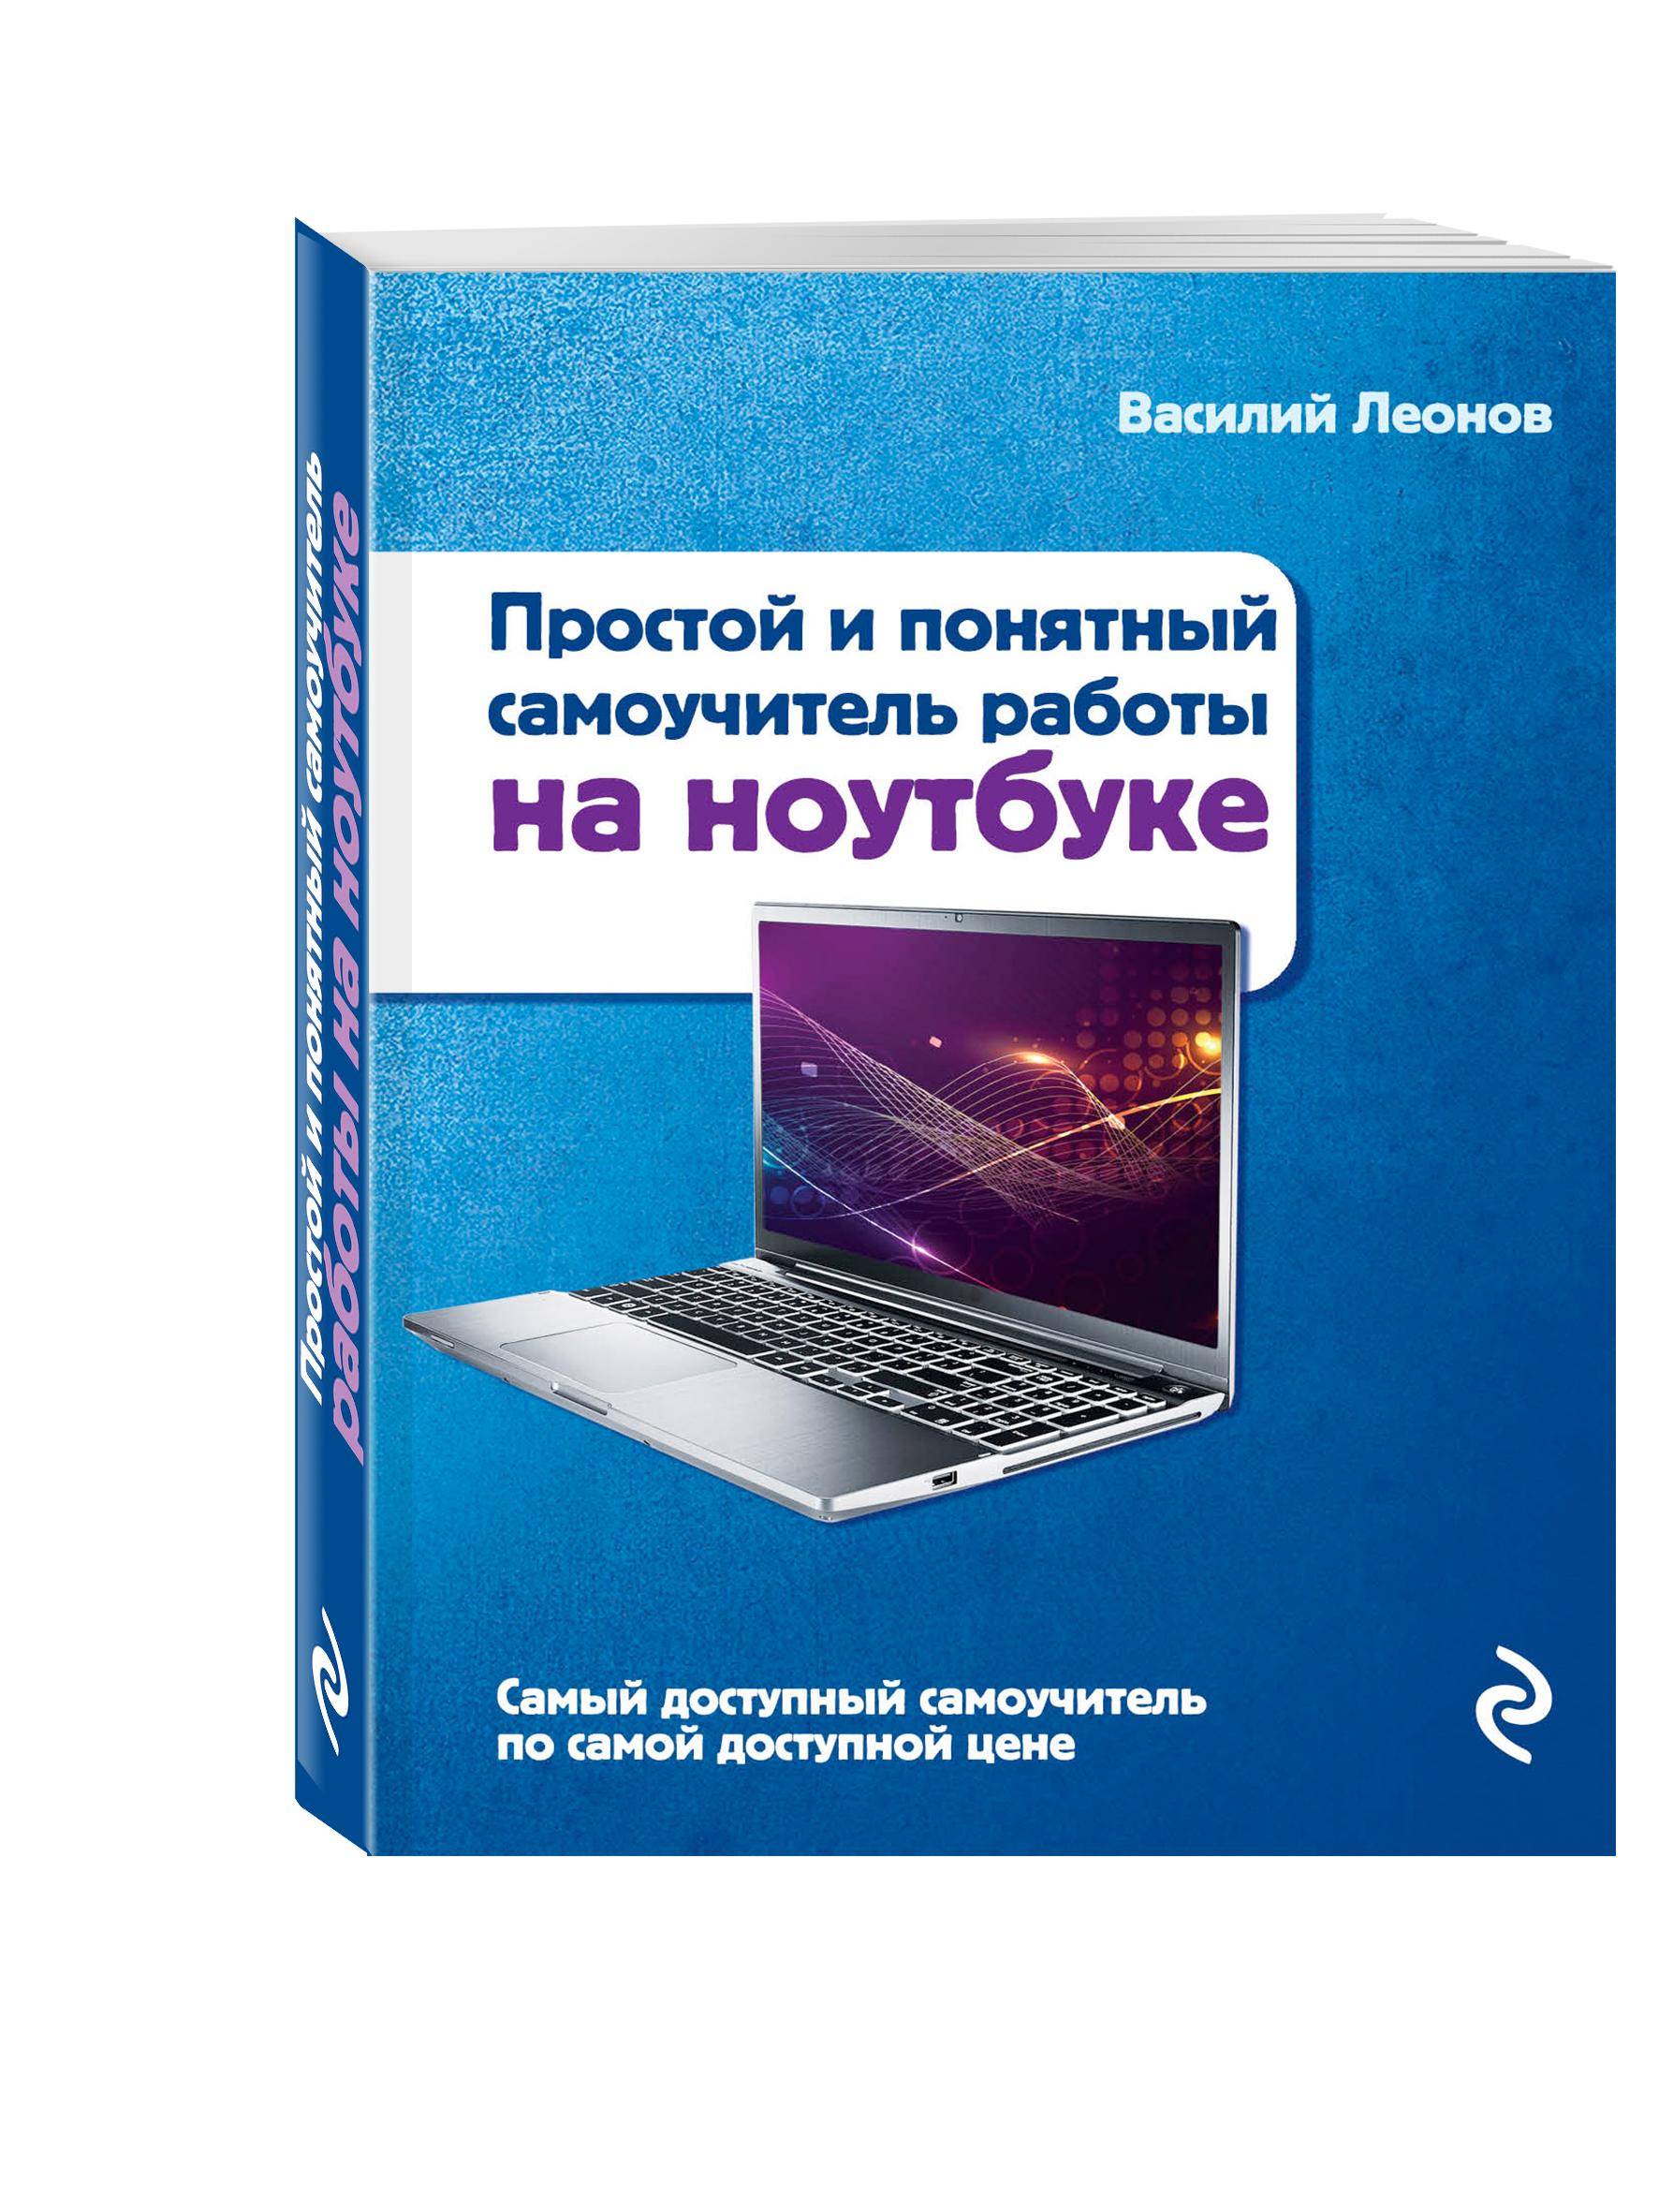 Простой и понятный самоучитель работы на ноутбуке. 2-е издание